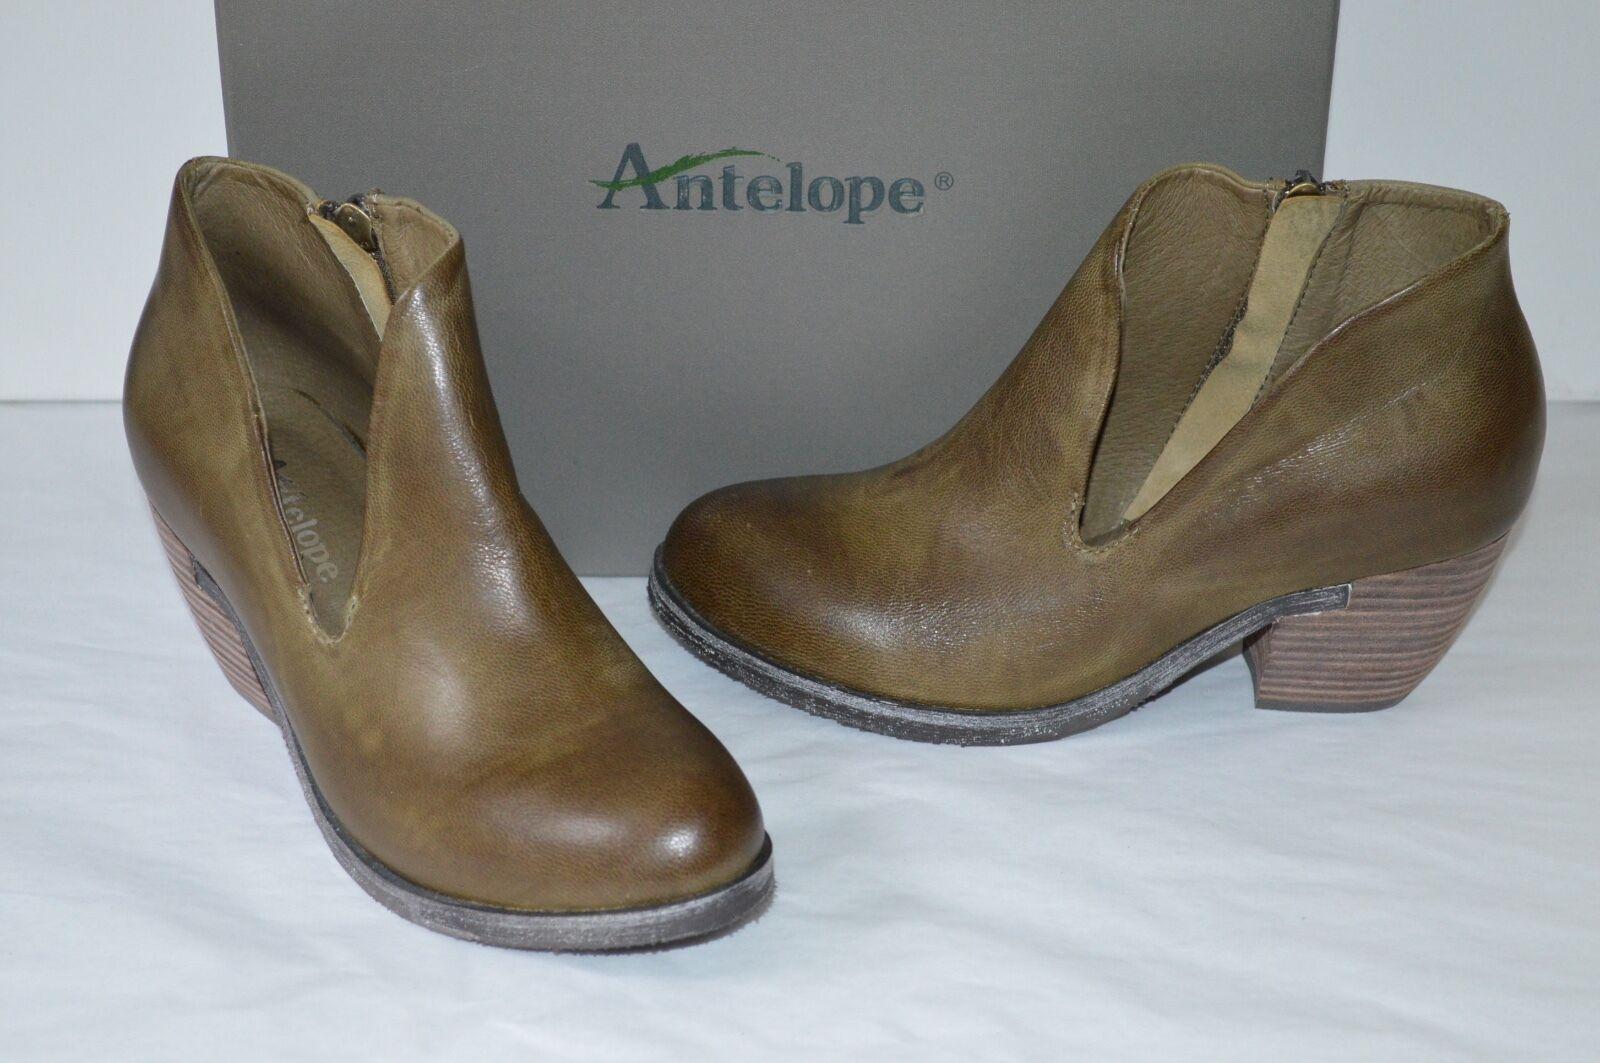 New  200 Antelope 660 Khaki Pelle Slit Bootie Stivali 37/6 Short Ankle Heel